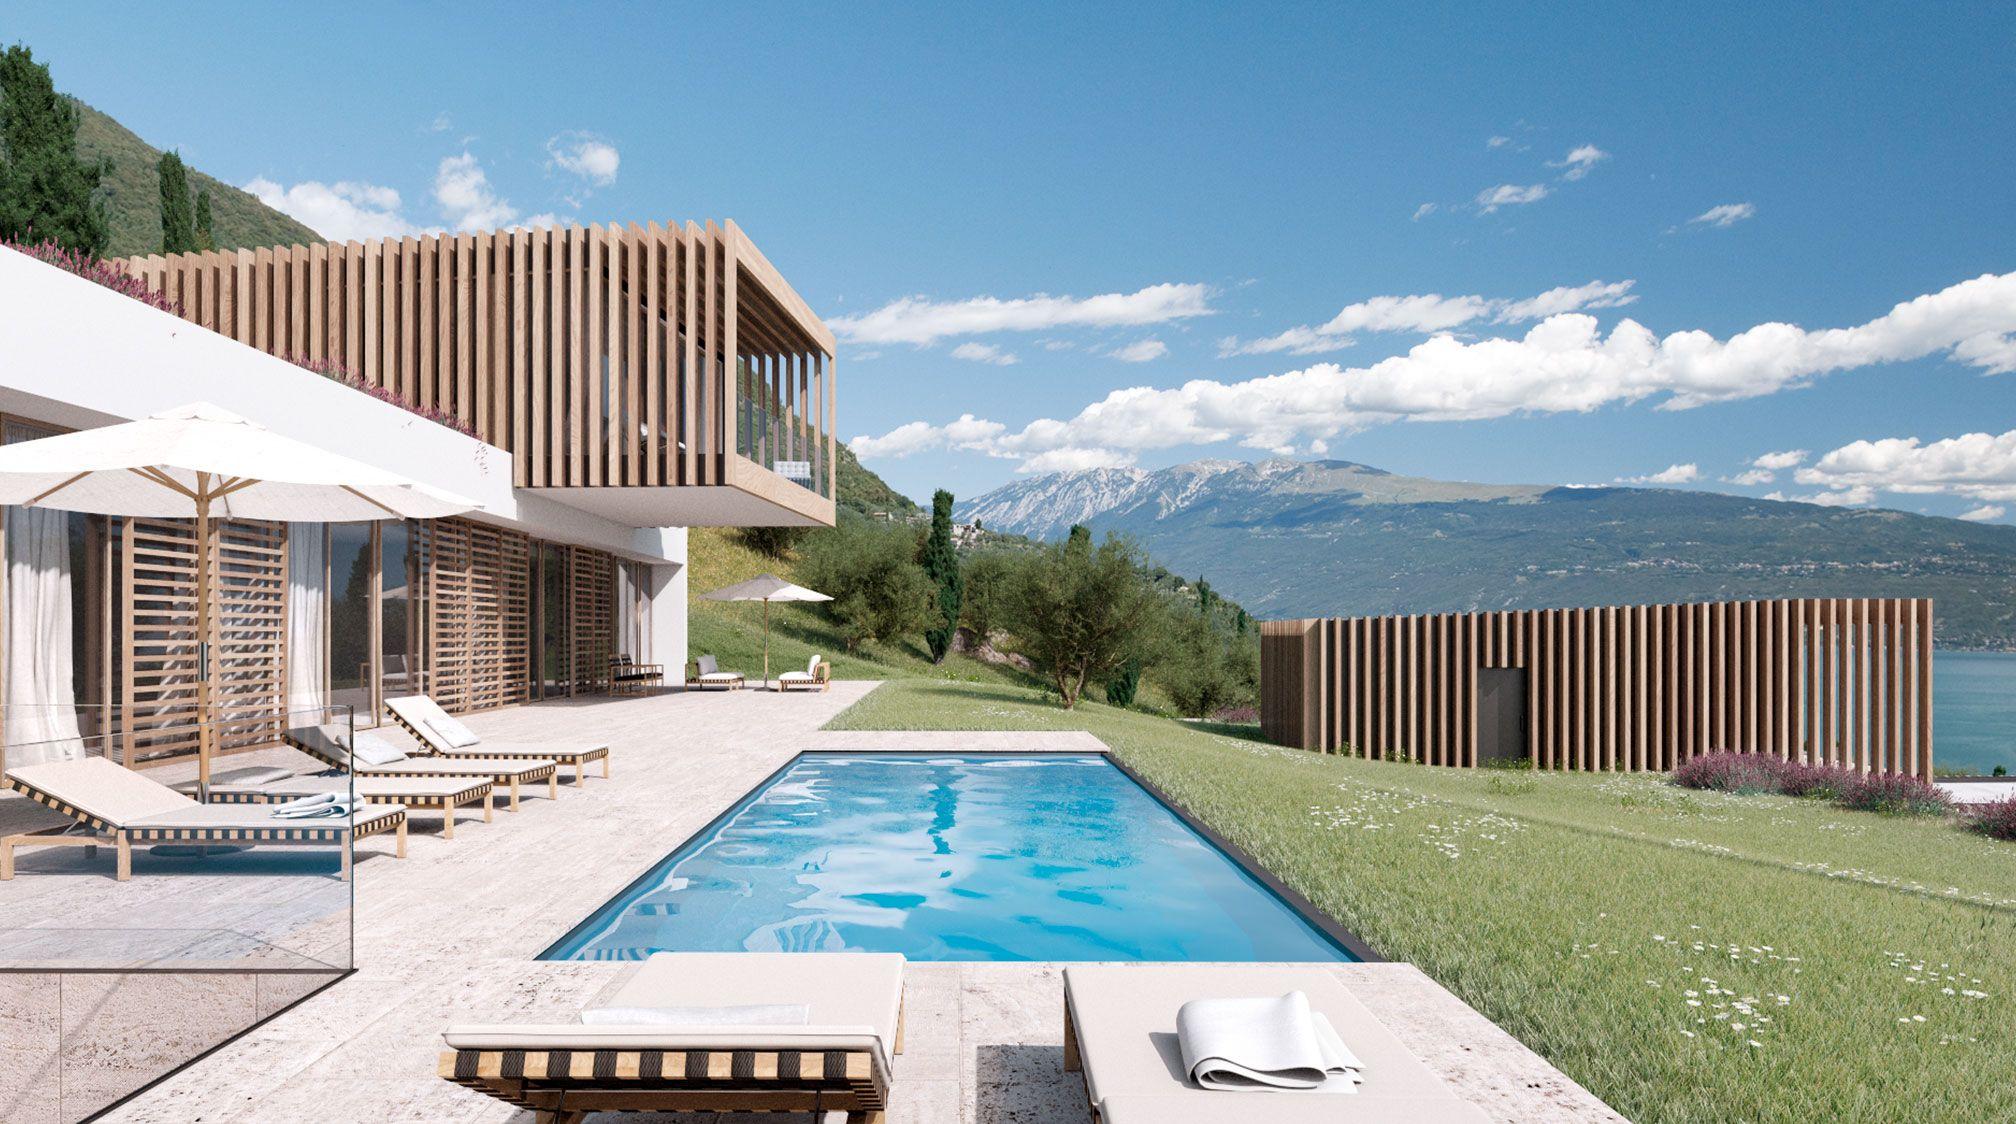 Moderne luxushäuser mit pool  Pin von Mo Ne auf house.grundriss.außen. | Pinterest | Grundrisse ...